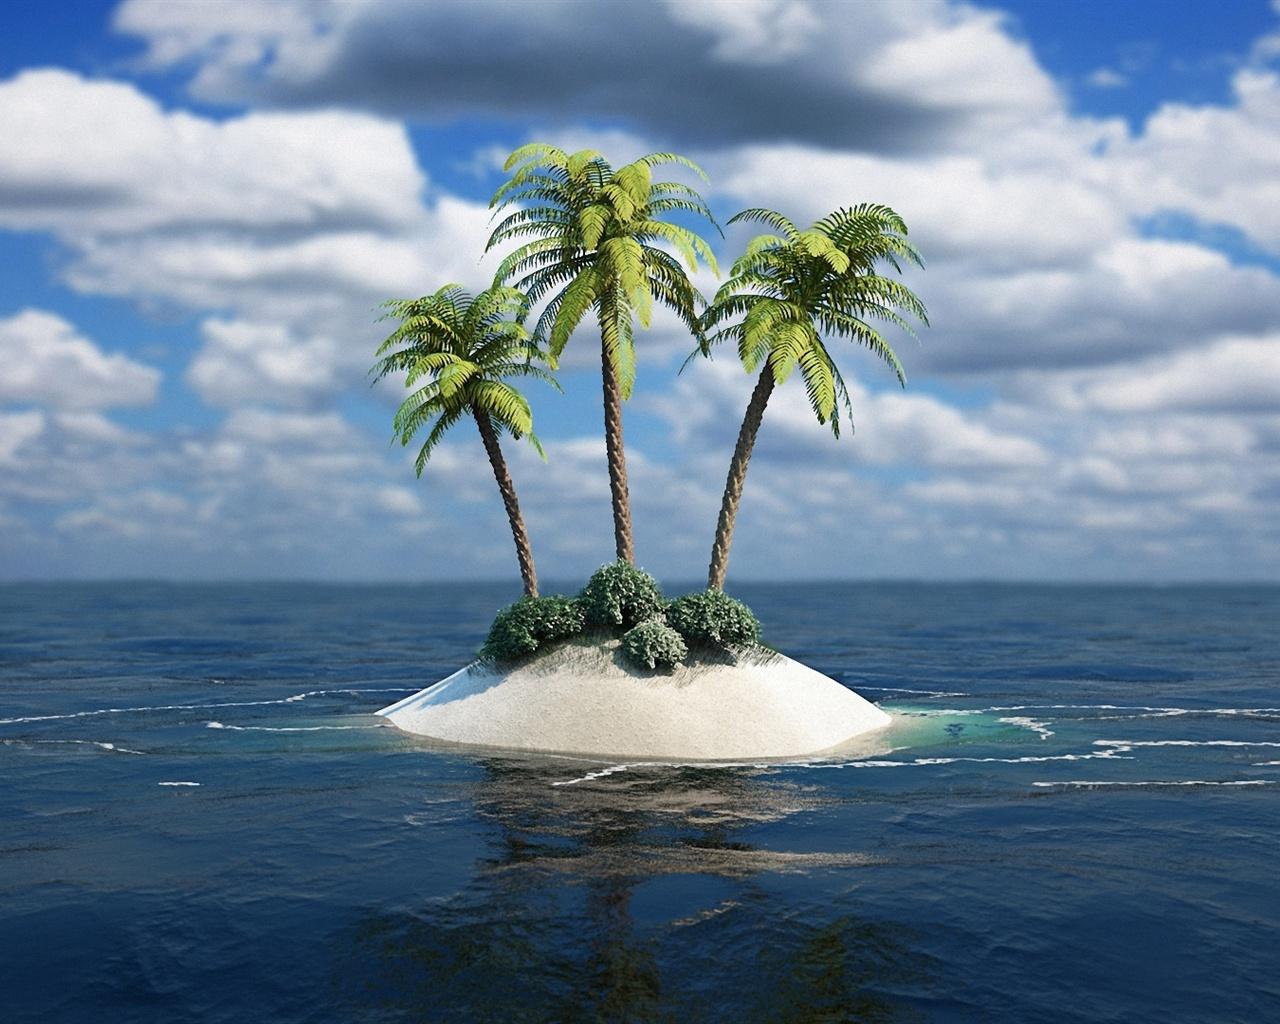 обои на рабочий стол 1600 на 900 острова № 247916 бесплатно